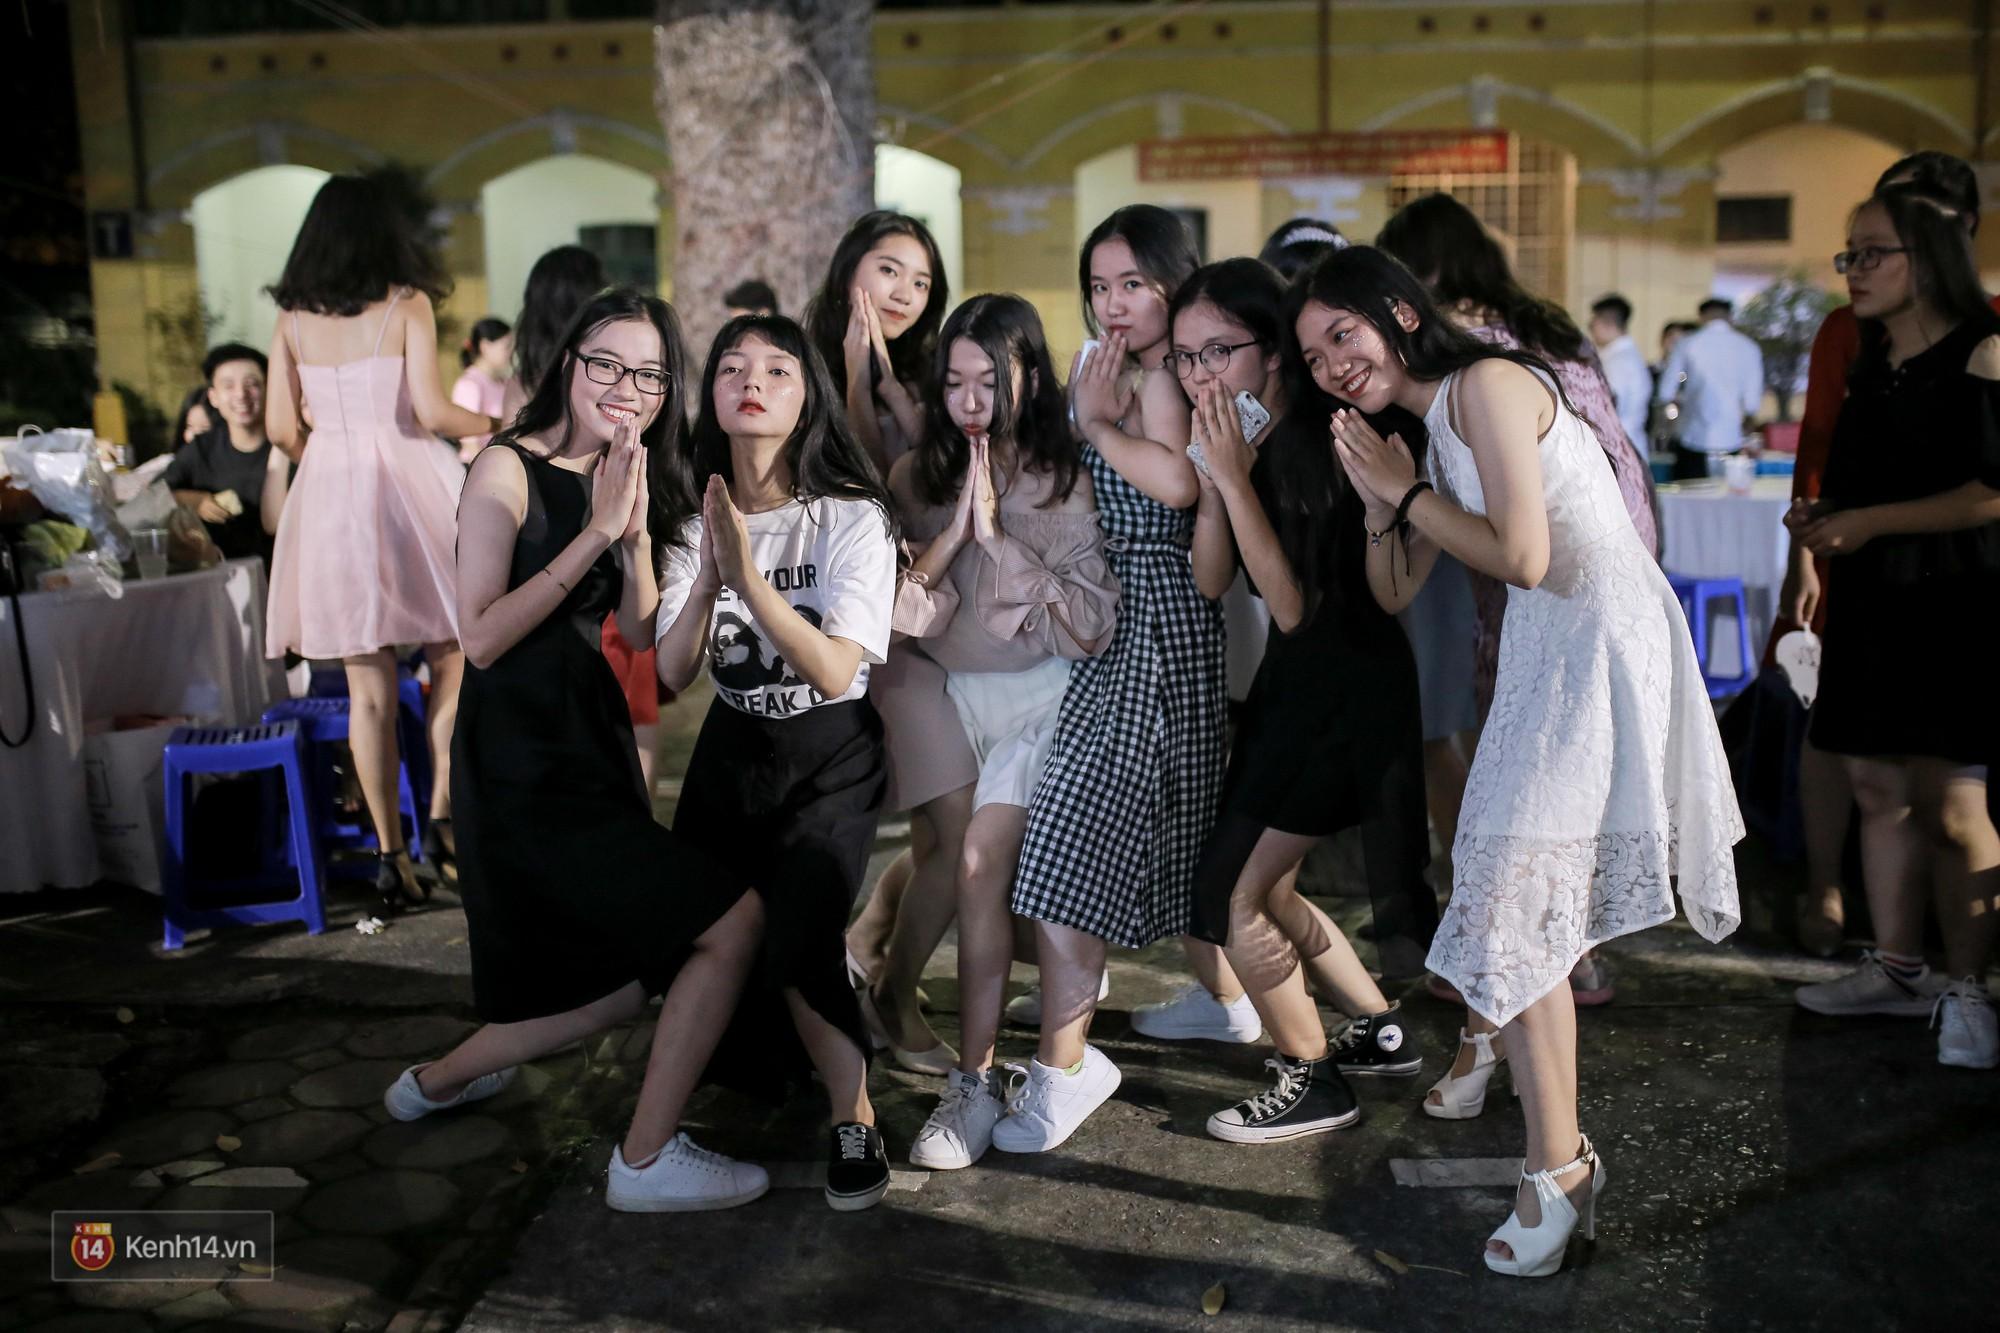 Nữ sinh Chu Văn An xinh ngẩn ngơ trong đêm tri ân/ trưởng thành - Ảnh 9.